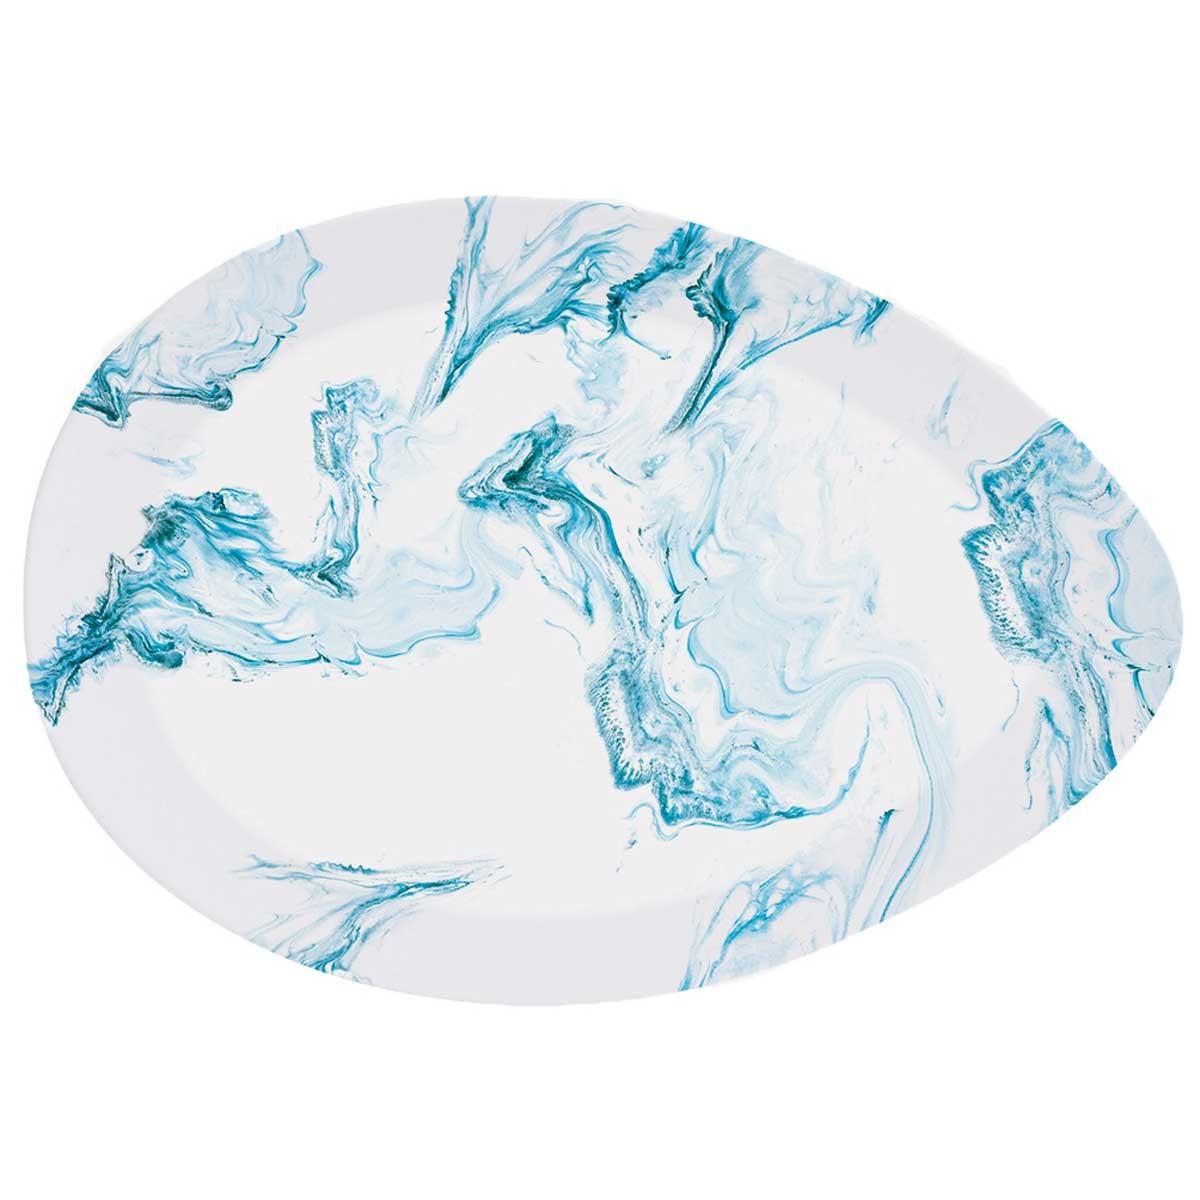 Πιατέλα Σερβιρίσματος Marva Aqua 1087ΑQUΑ home   κουζίνα   τραπεζαρία   είδη σερβιρίσματος